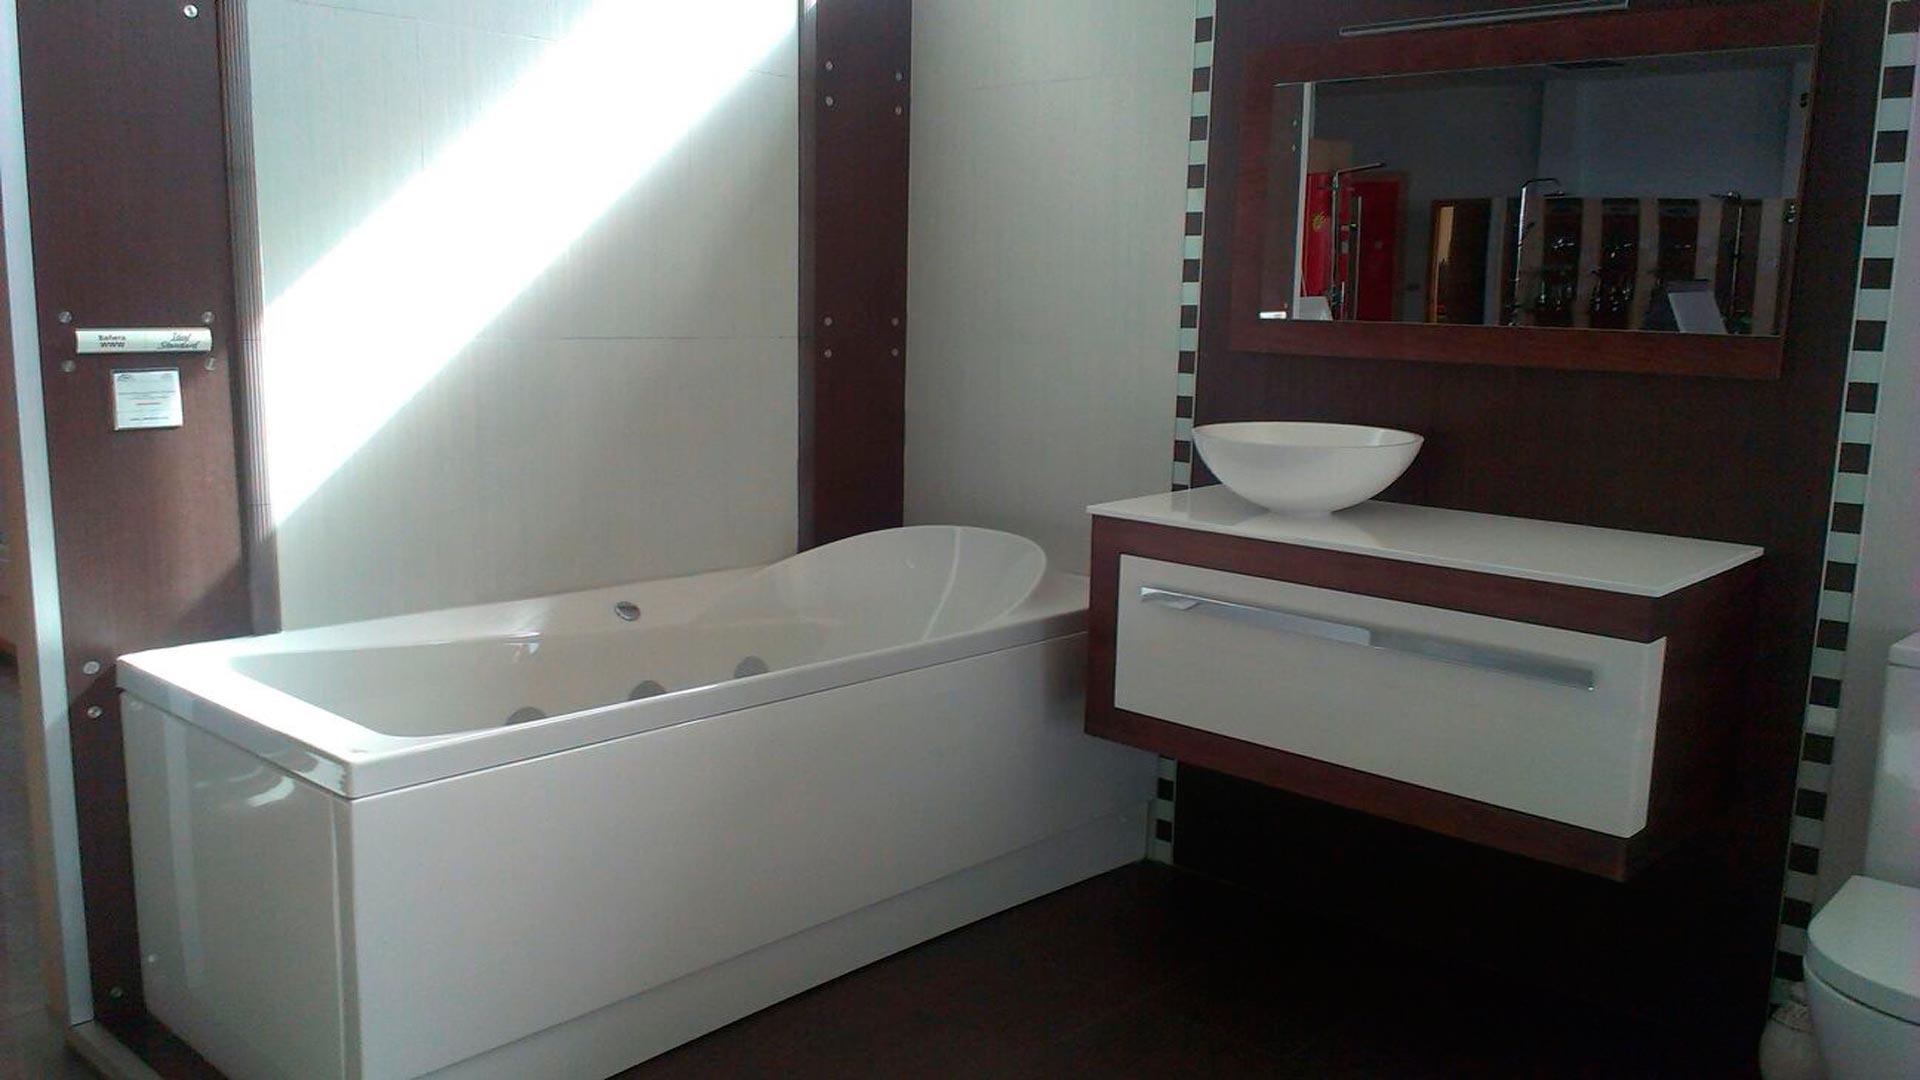 Nuevo mueble para nuestra exposici n for Muebles exposicion